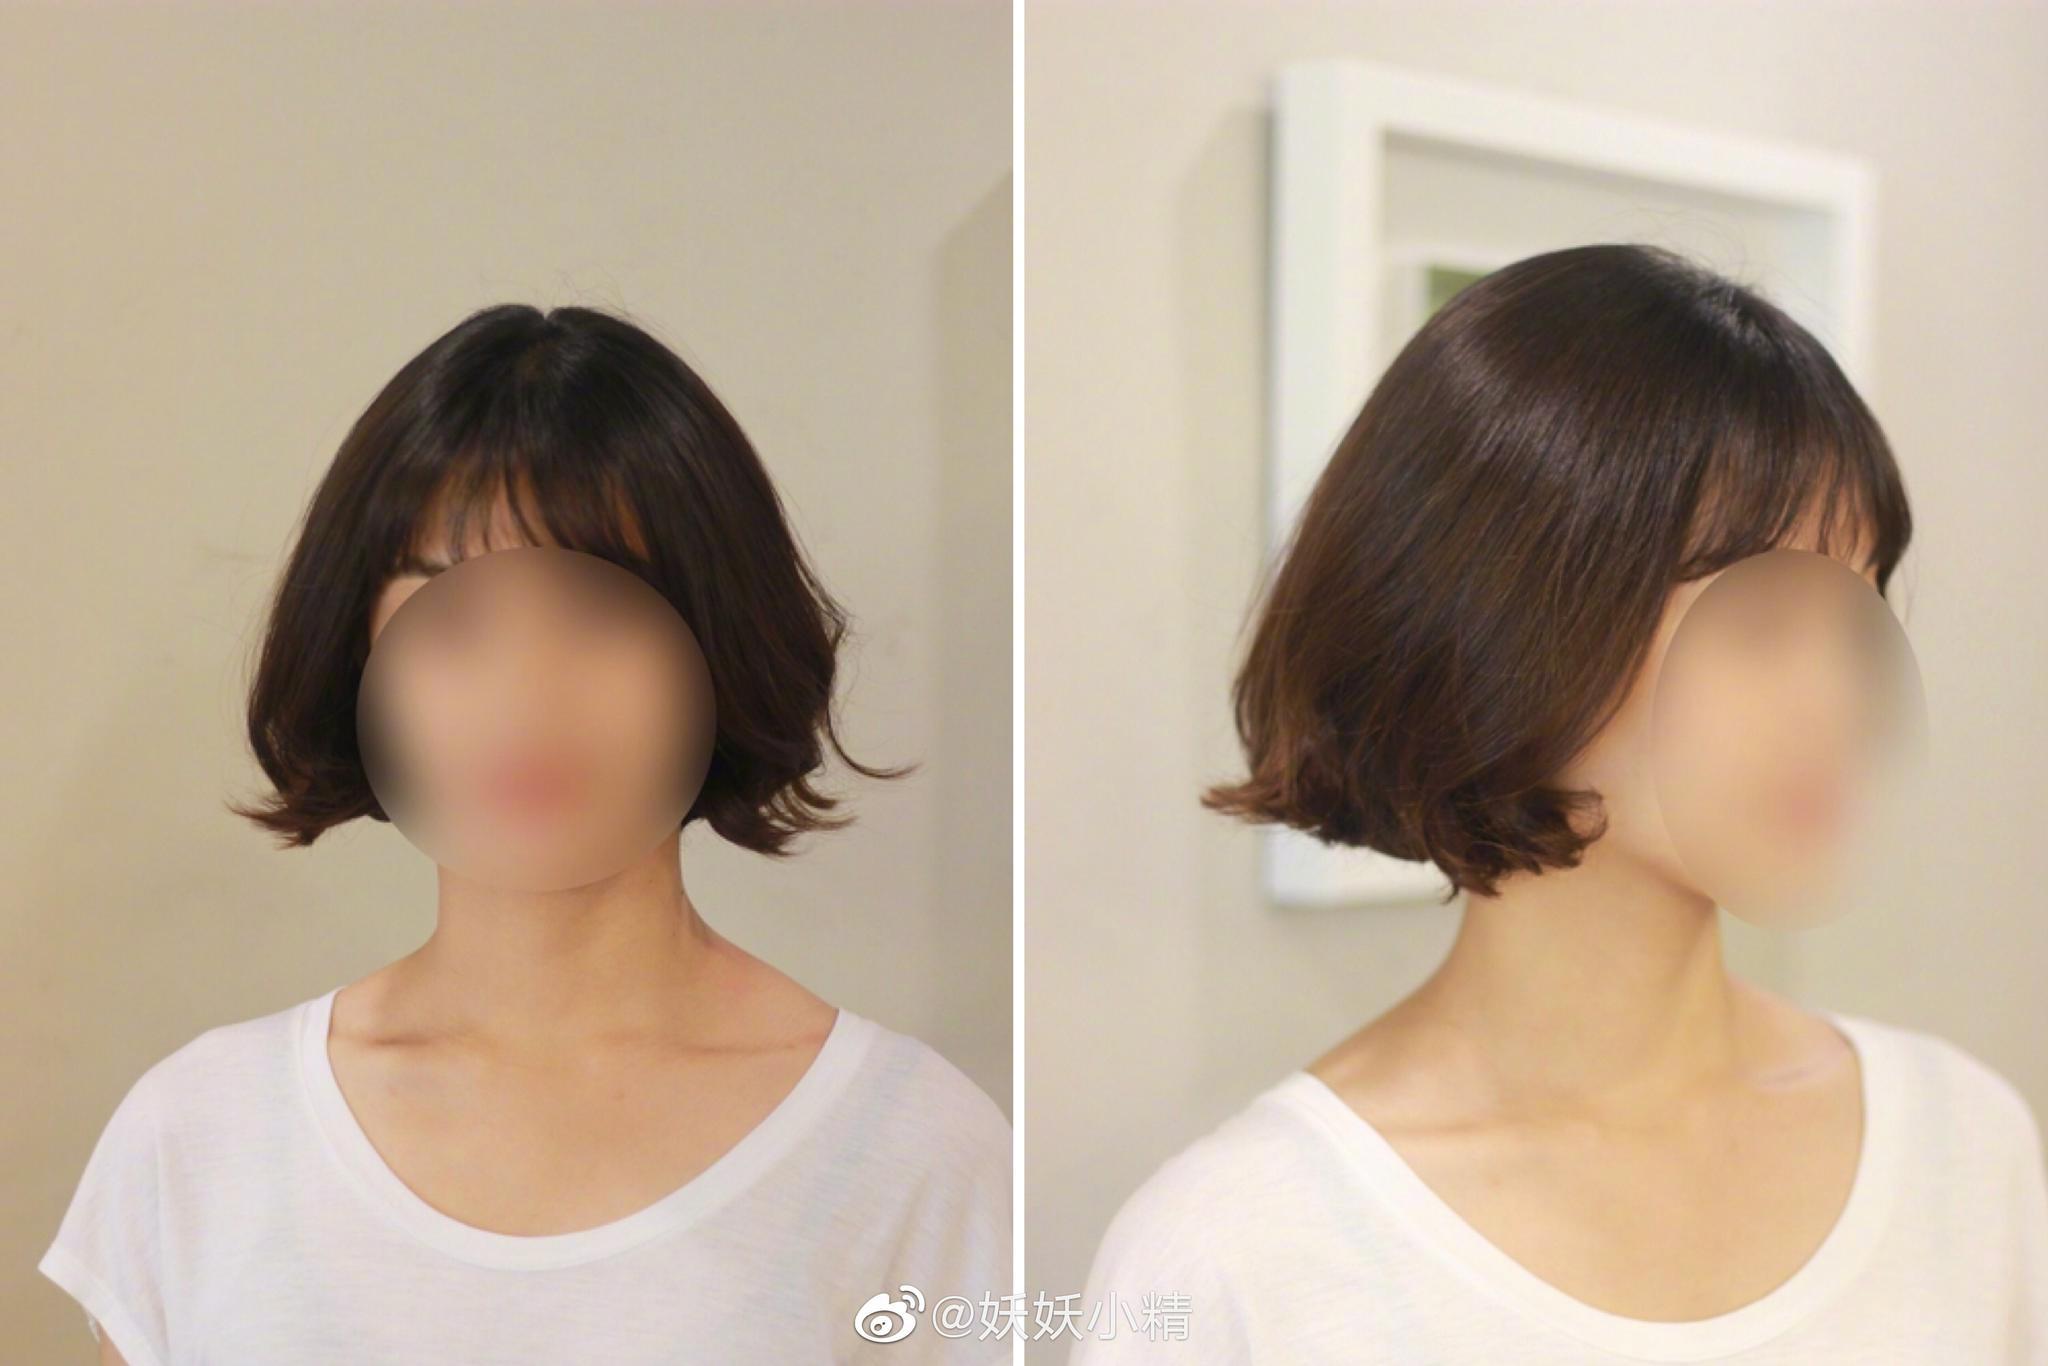 我收藏的几个能够修饰高颧骨的发型图片基本上就是用卷发的弧度来弱